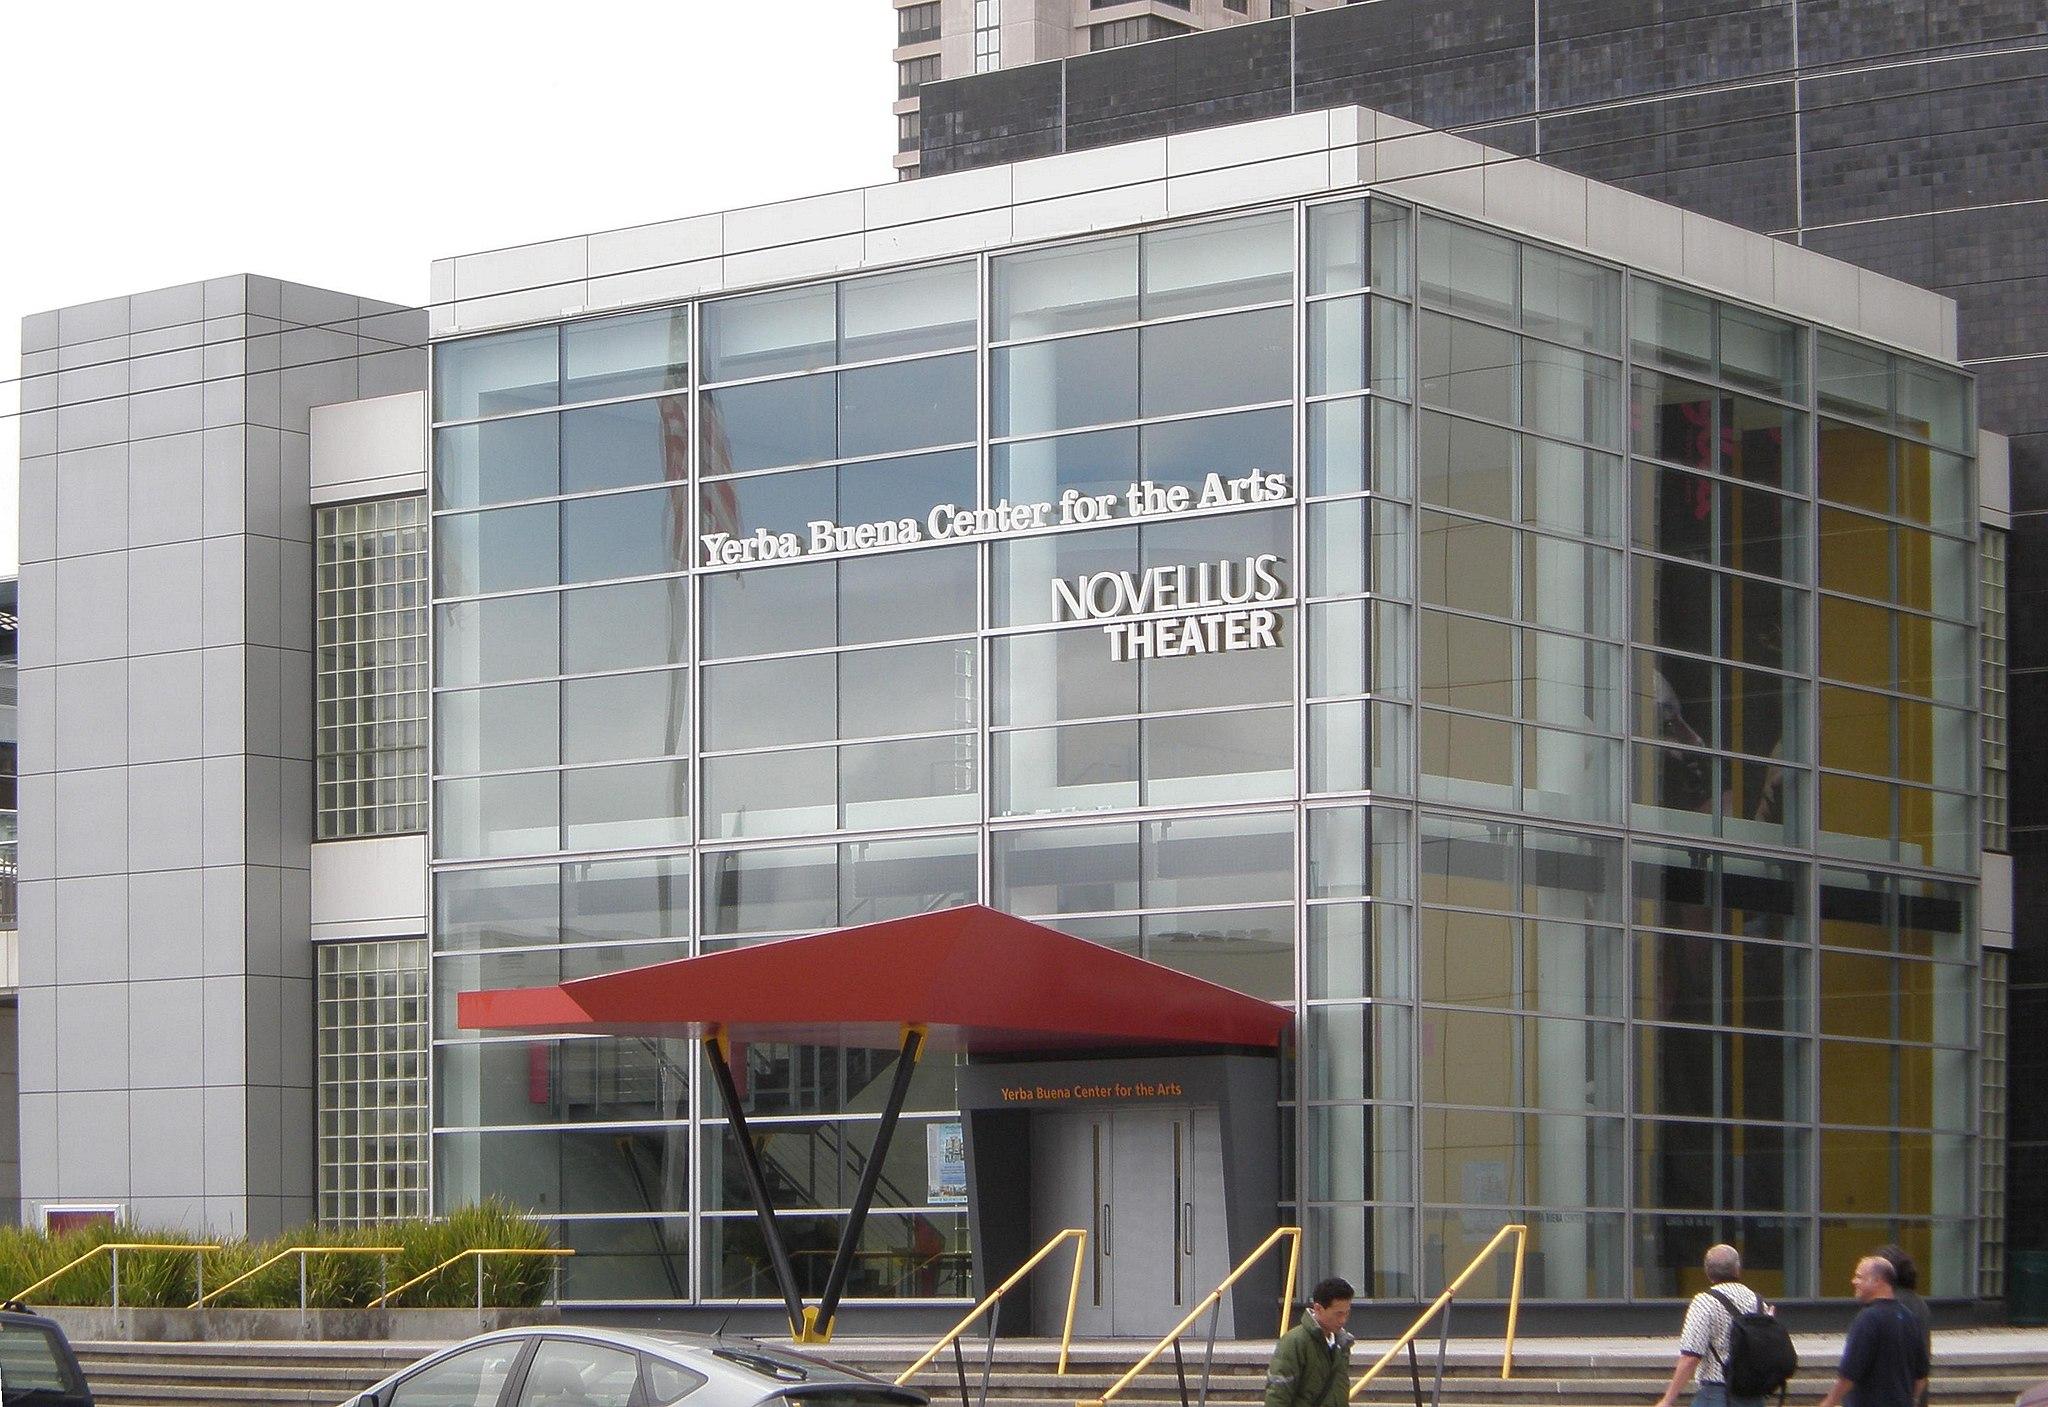 contemporary art san francisco - Yerba Buena Center for the Arts